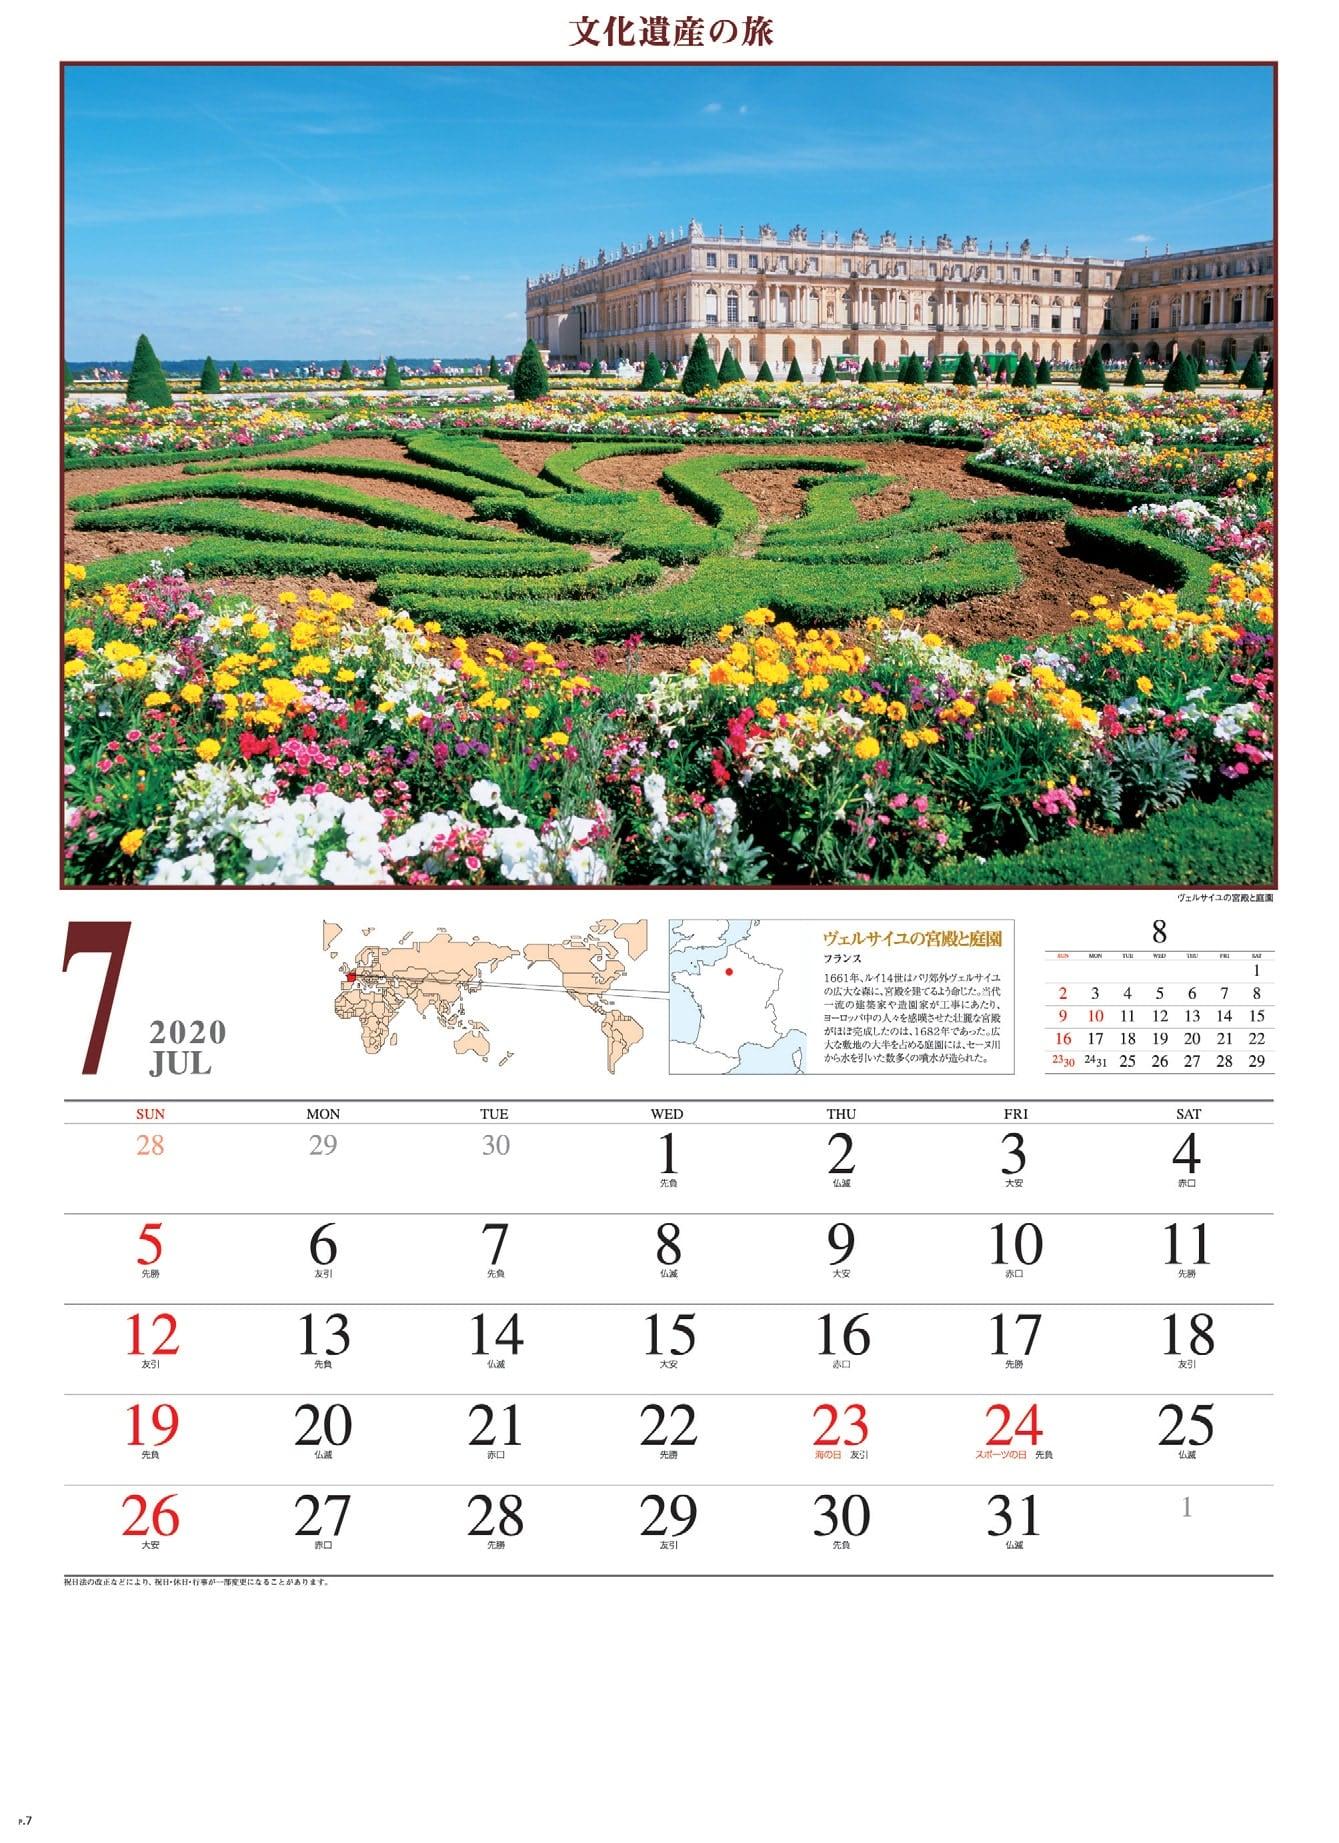 画像:ヴェルサイユ宮殿と庭園(フランス) 文化遺産の旅(ユネスコ世界遺産) 2020年カレンダー